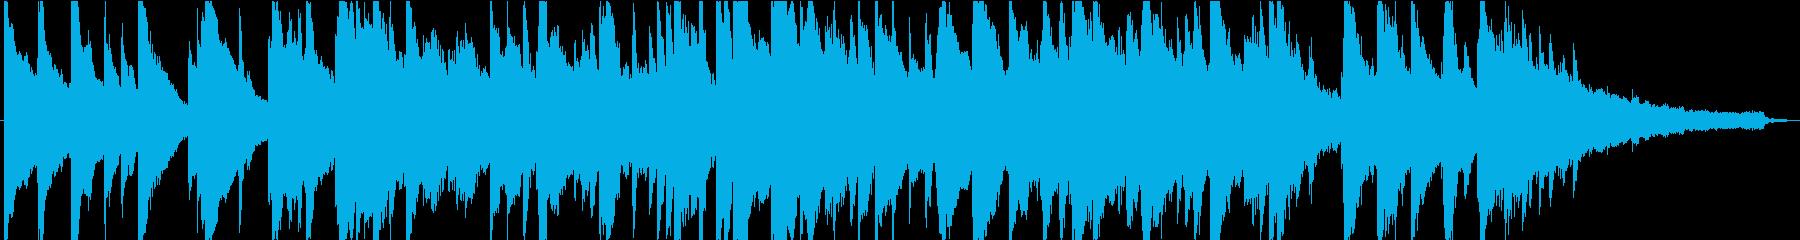 甘切ない雰囲気の約60秒のピアノ楽曲ですの再生済みの波形